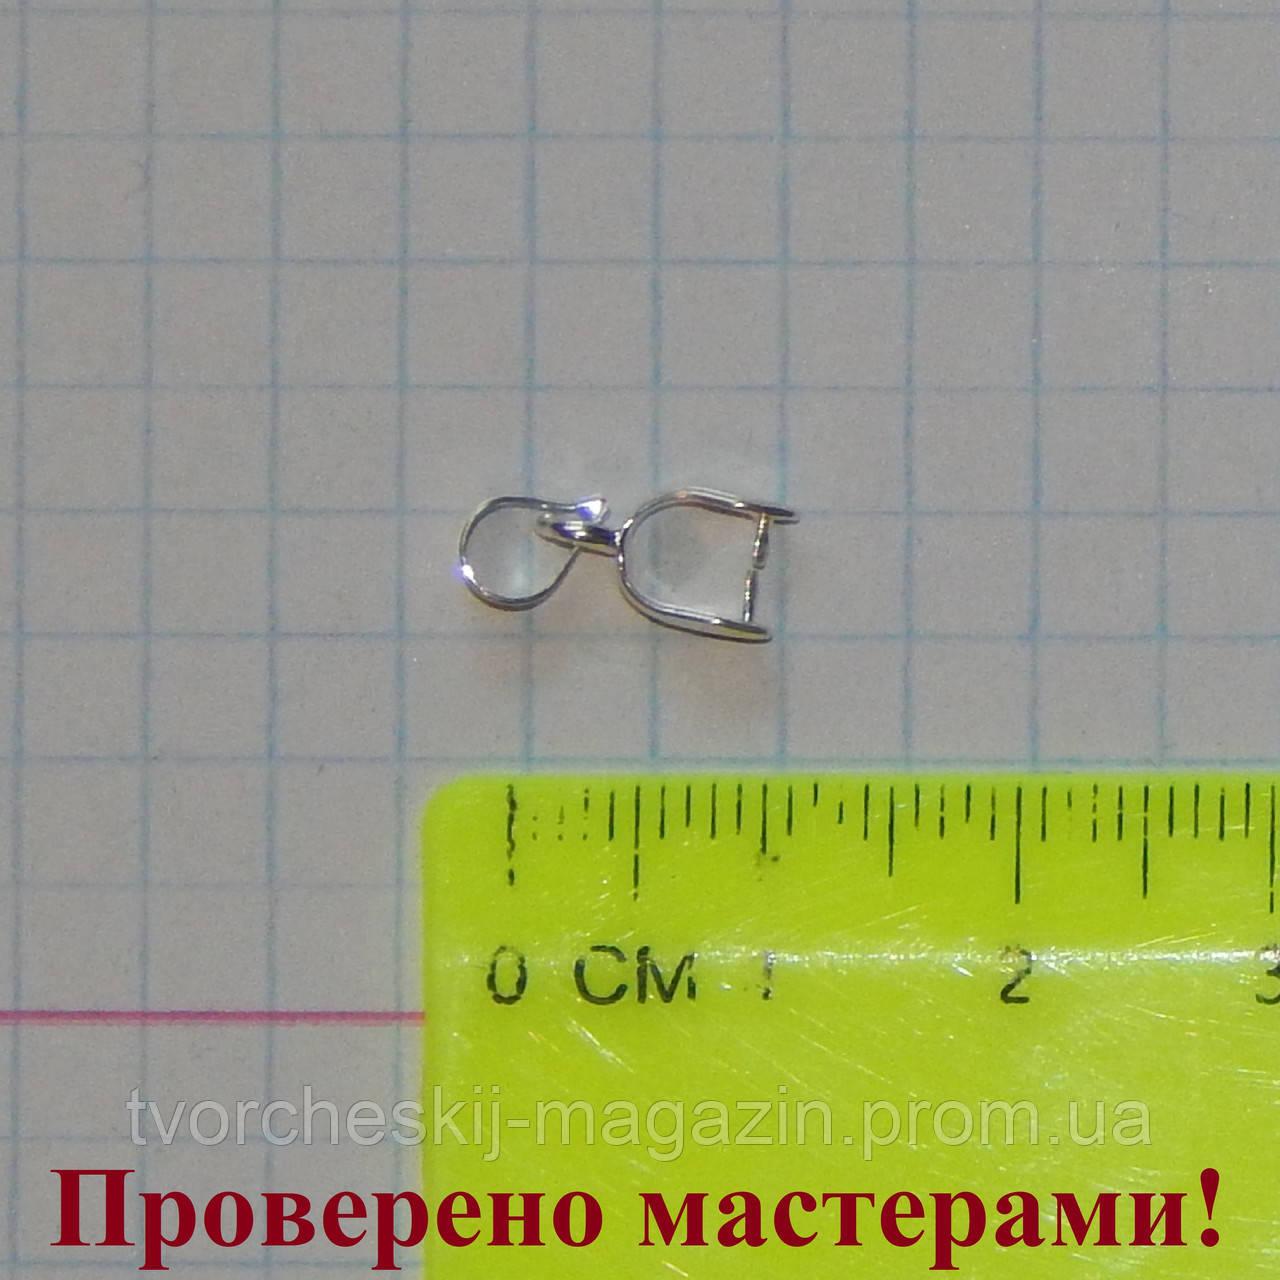 Держатель для кулона 1,5 см светло-серебристый,1 шт.